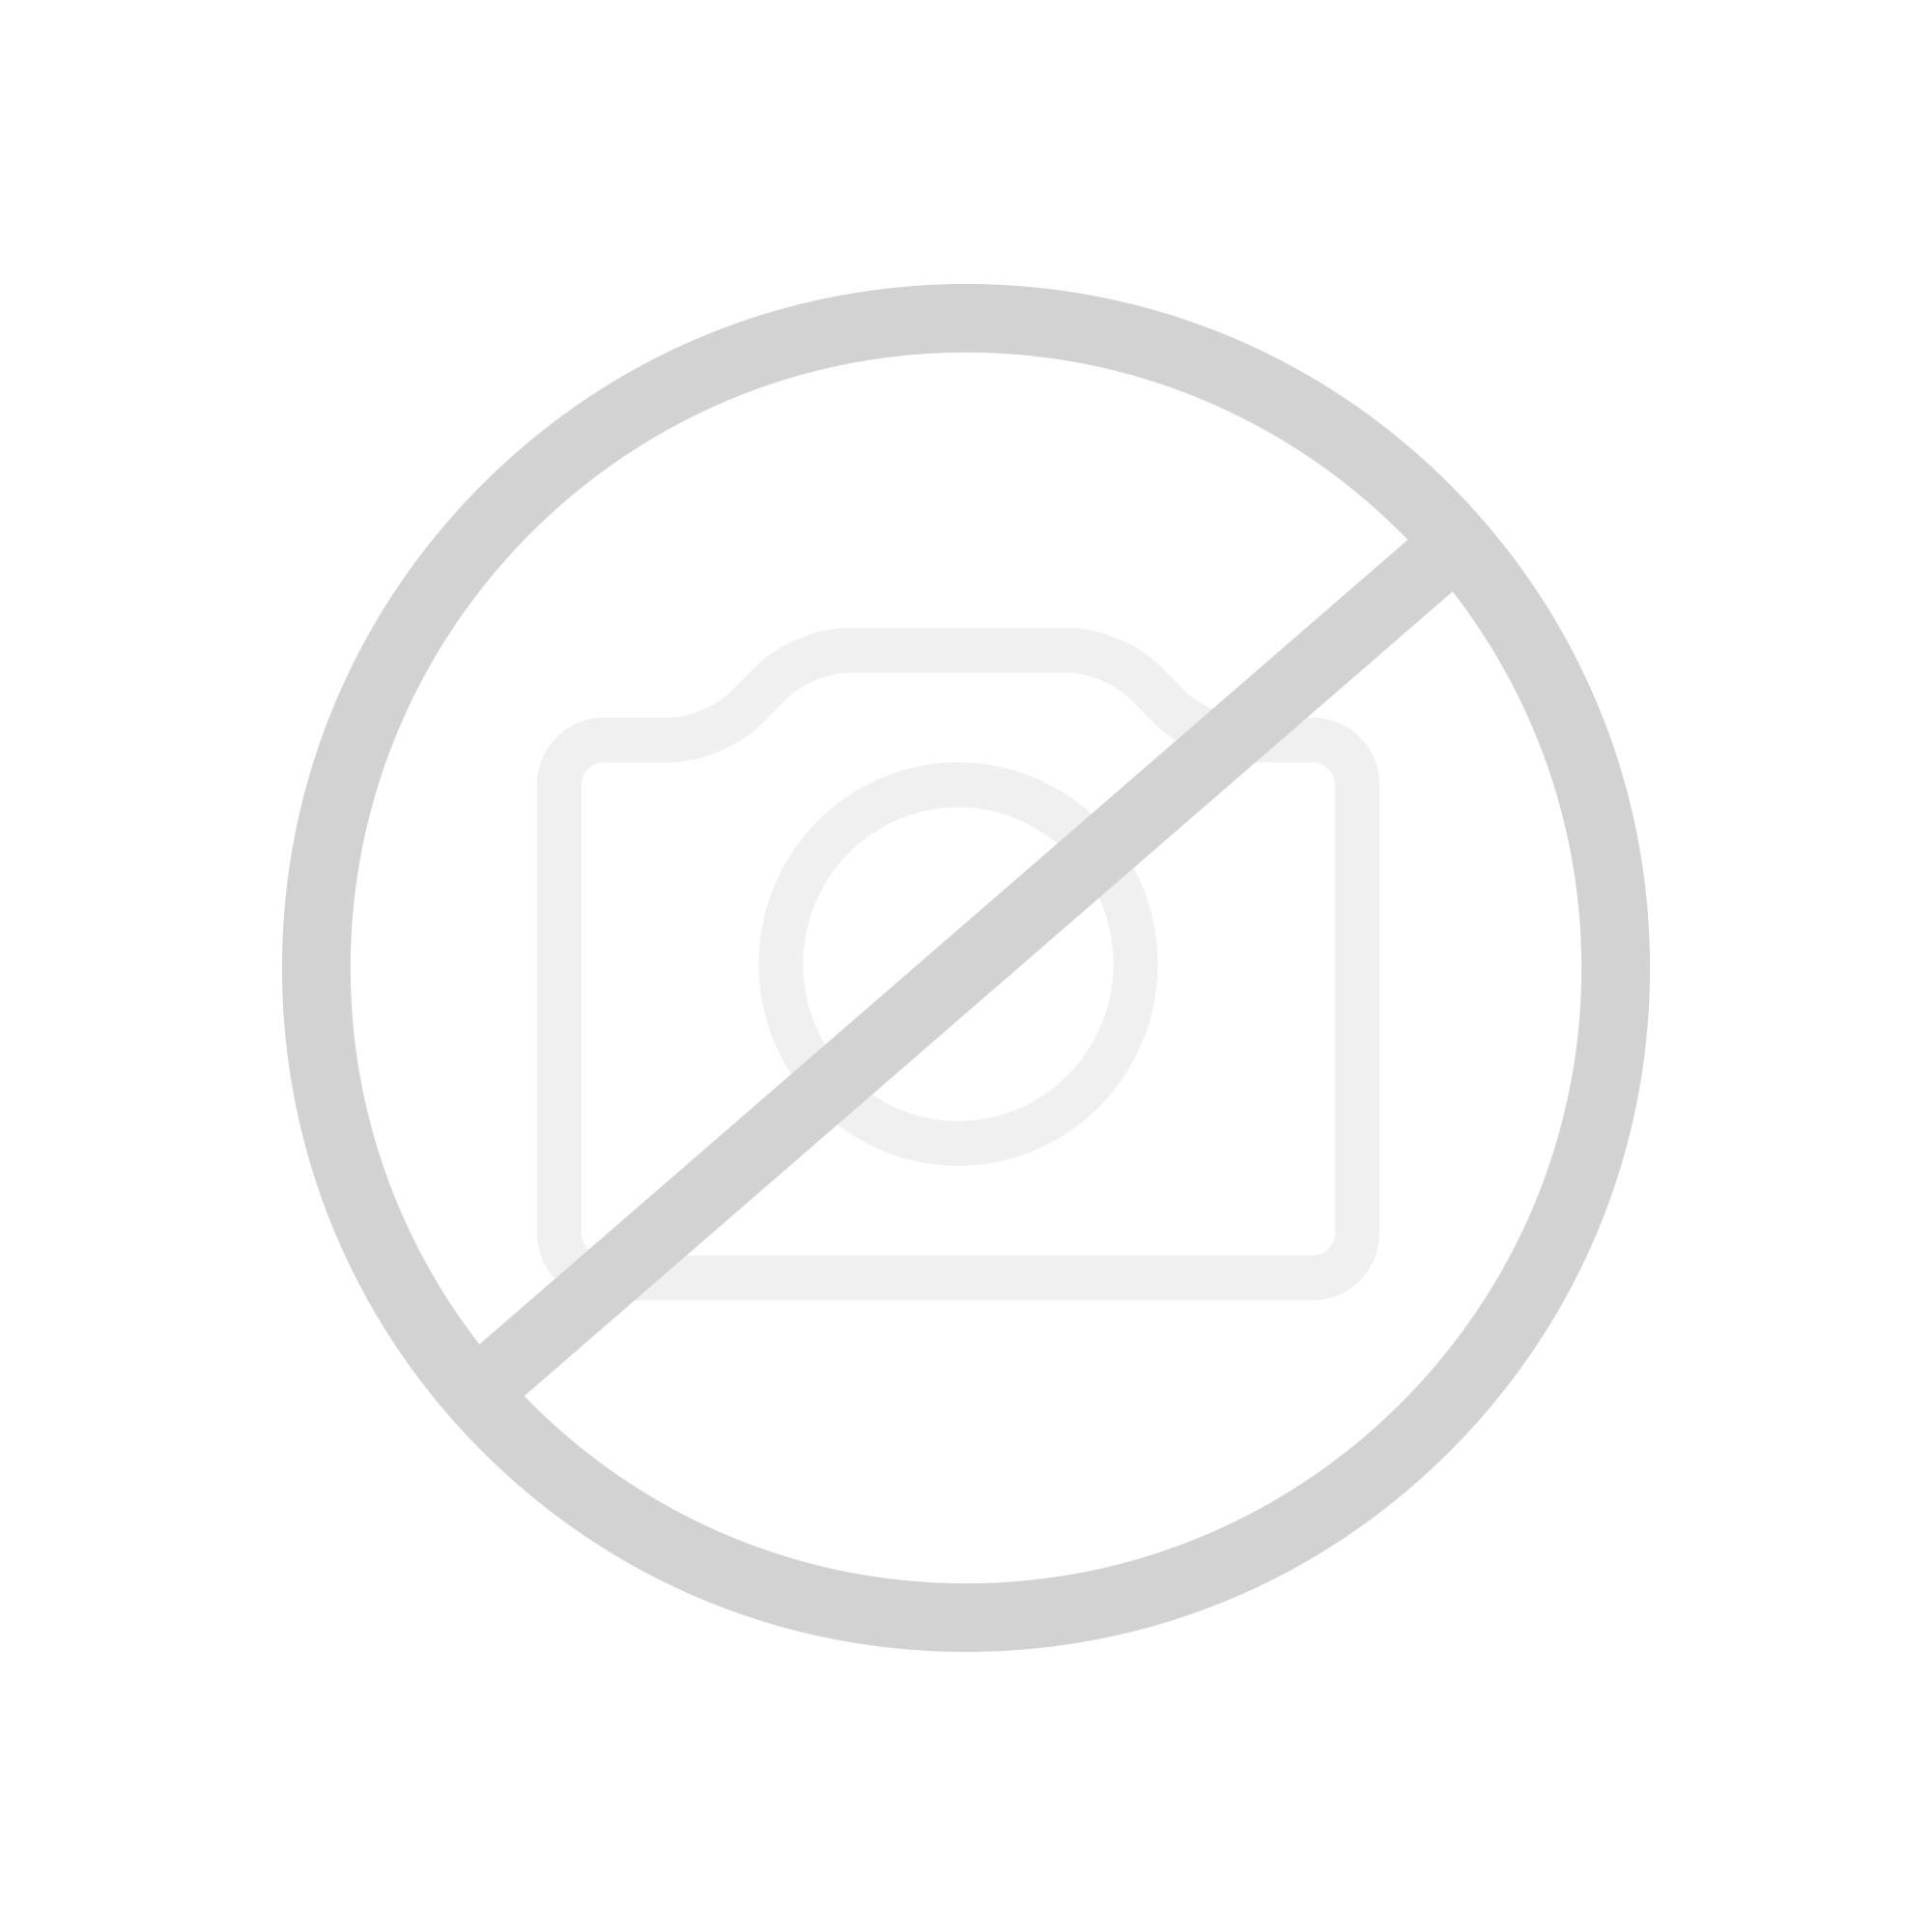 Grohe Concetto Einhand-Waschtischbatterie, M-Size mit Ablaufgarnitur